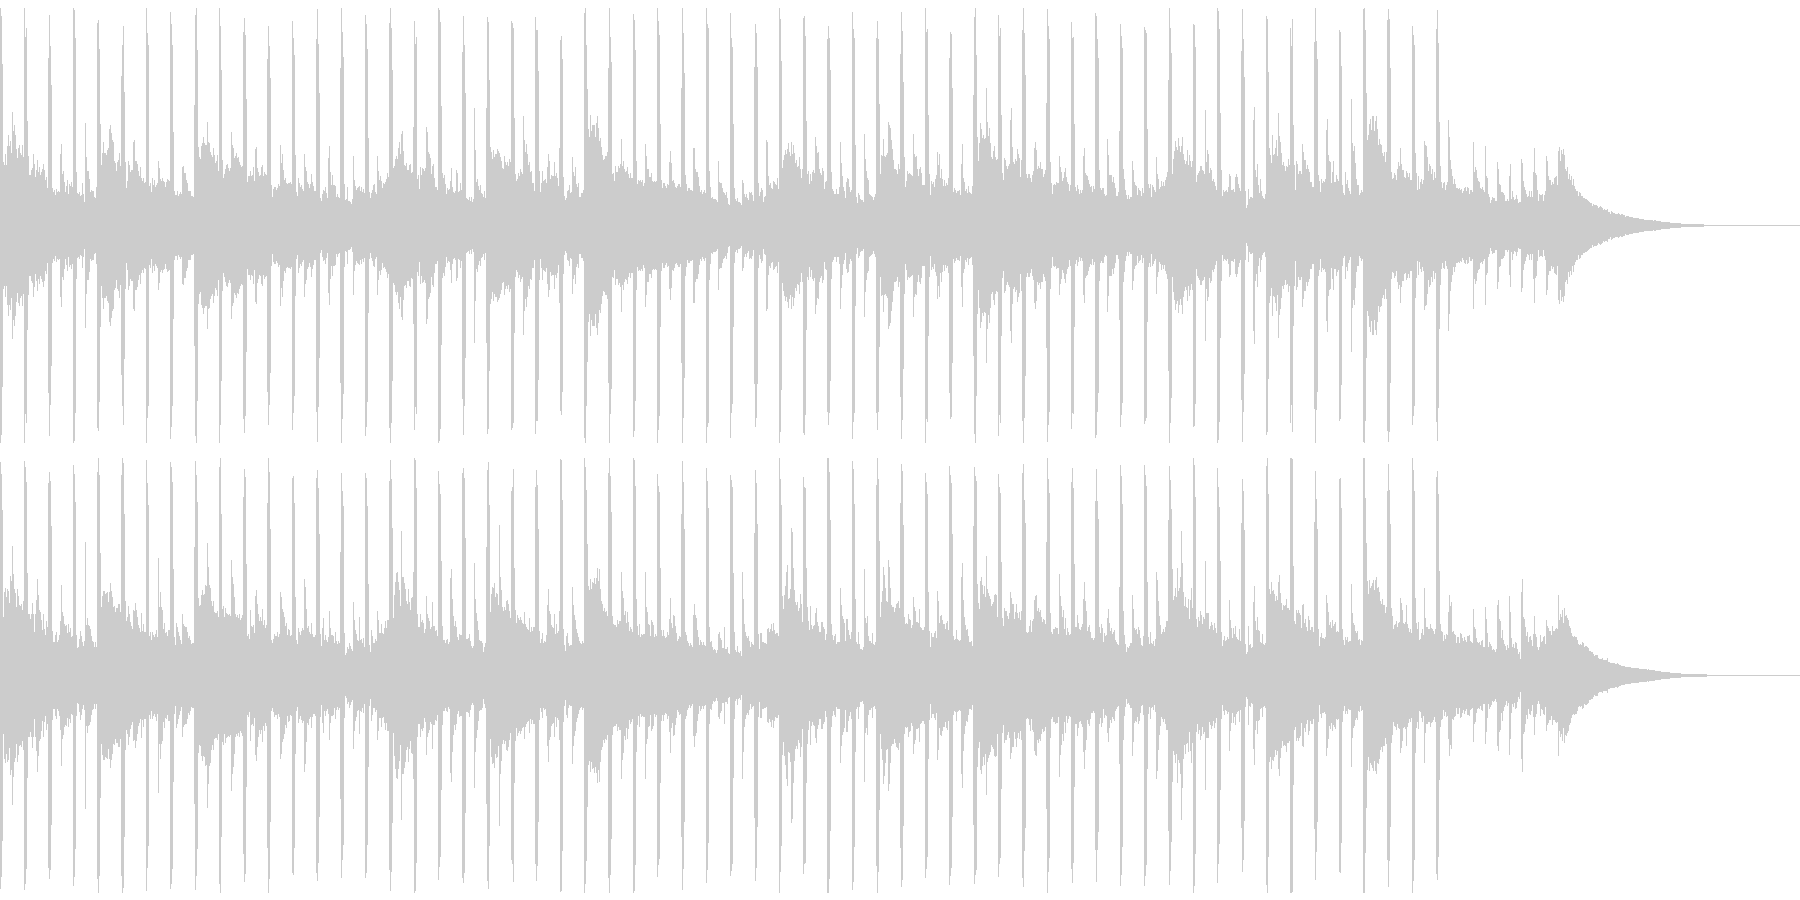 動機付けインタビュー(40秒)の未再生の波形